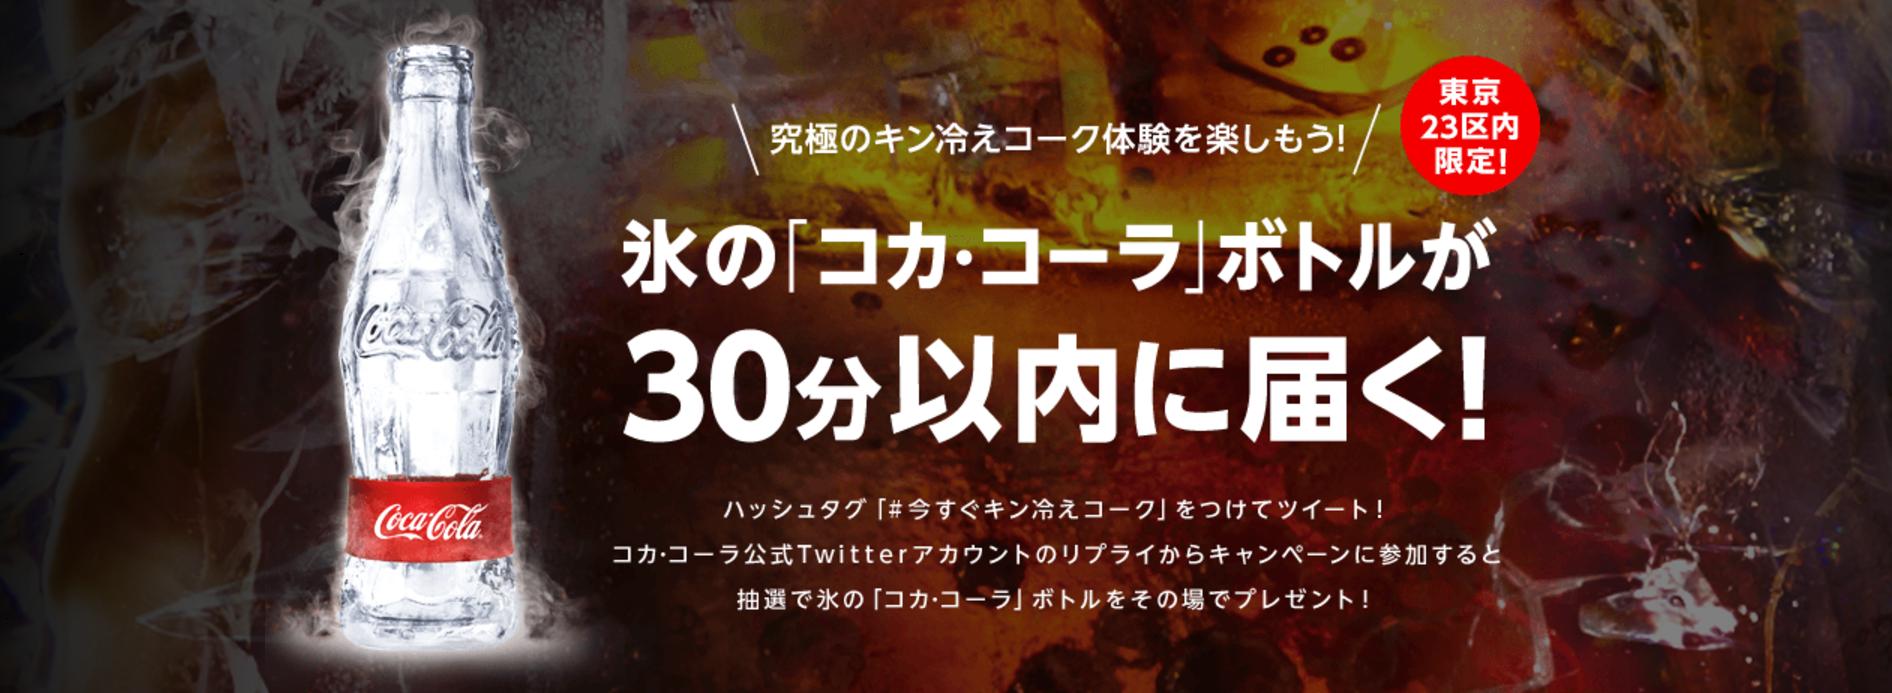 Twitterキャンペーン_事例1.png